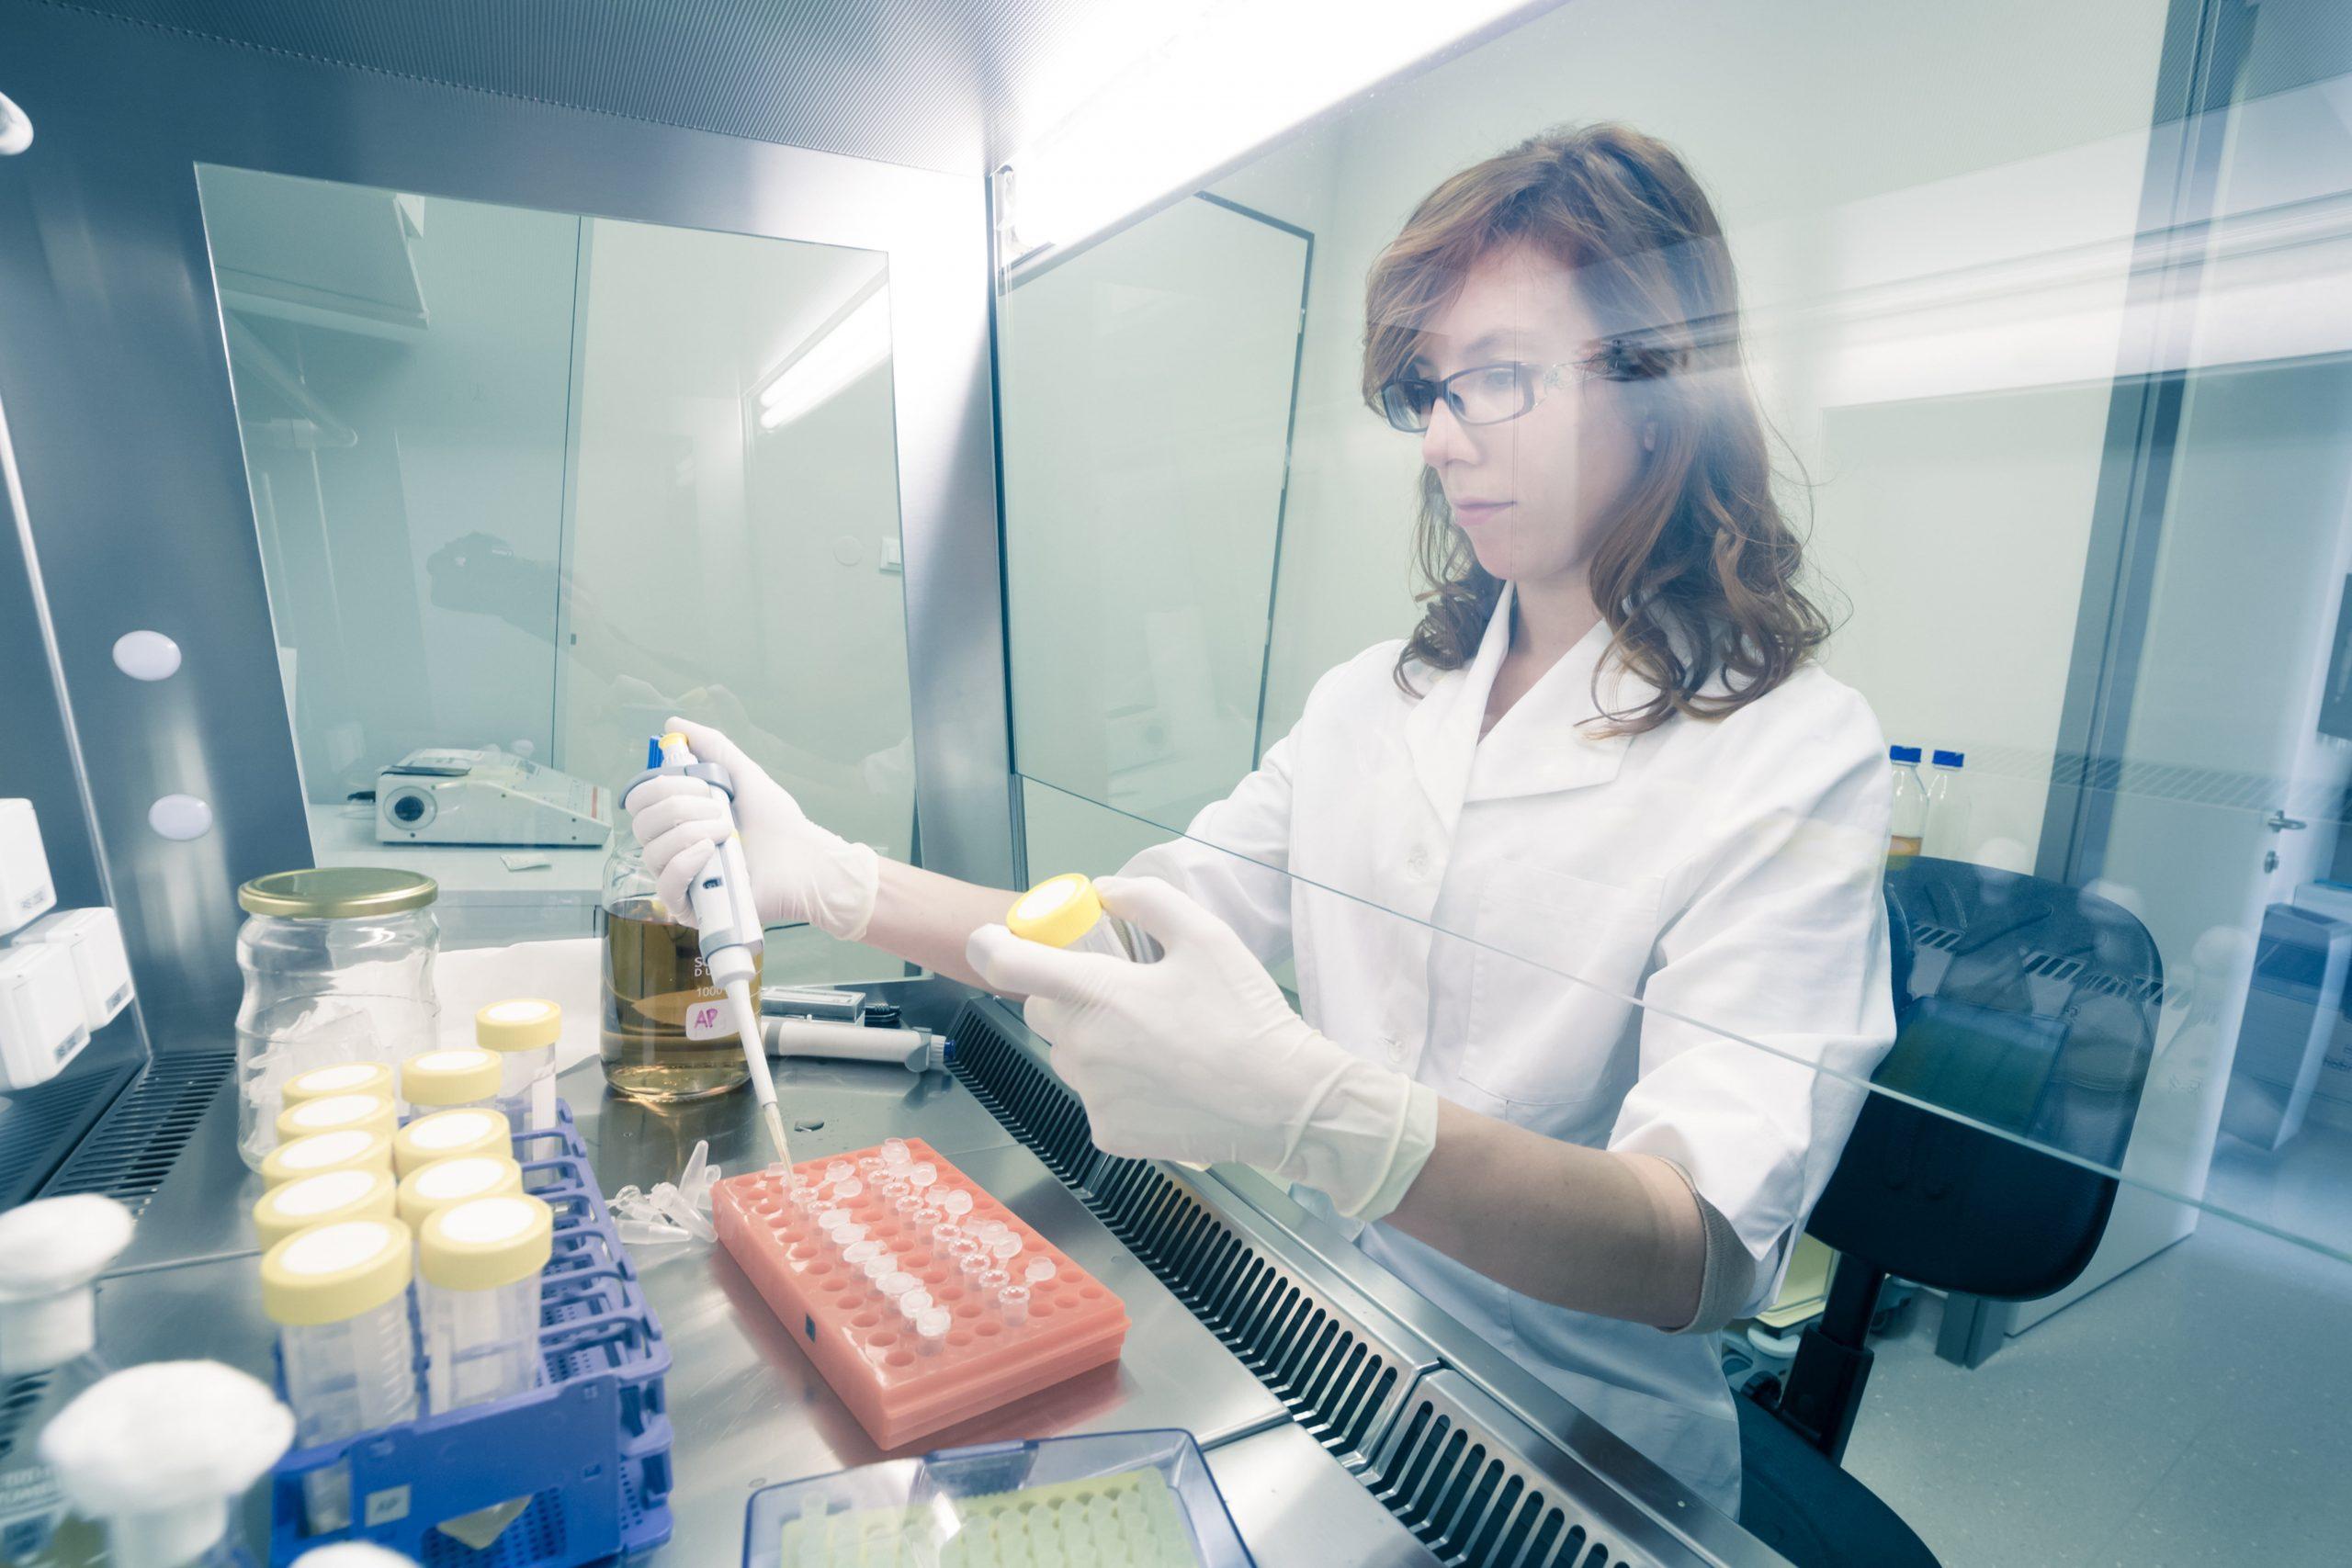 Produkcja kosmetyków selektywnych luksusowych i marek premium - najwyższej jakości kosmetyki pielęgnacyjne kontraktowy producent kosmetyków, private label, kosmetyki na zlecenie ioc producent kosmetykow 268543742 1 scaled